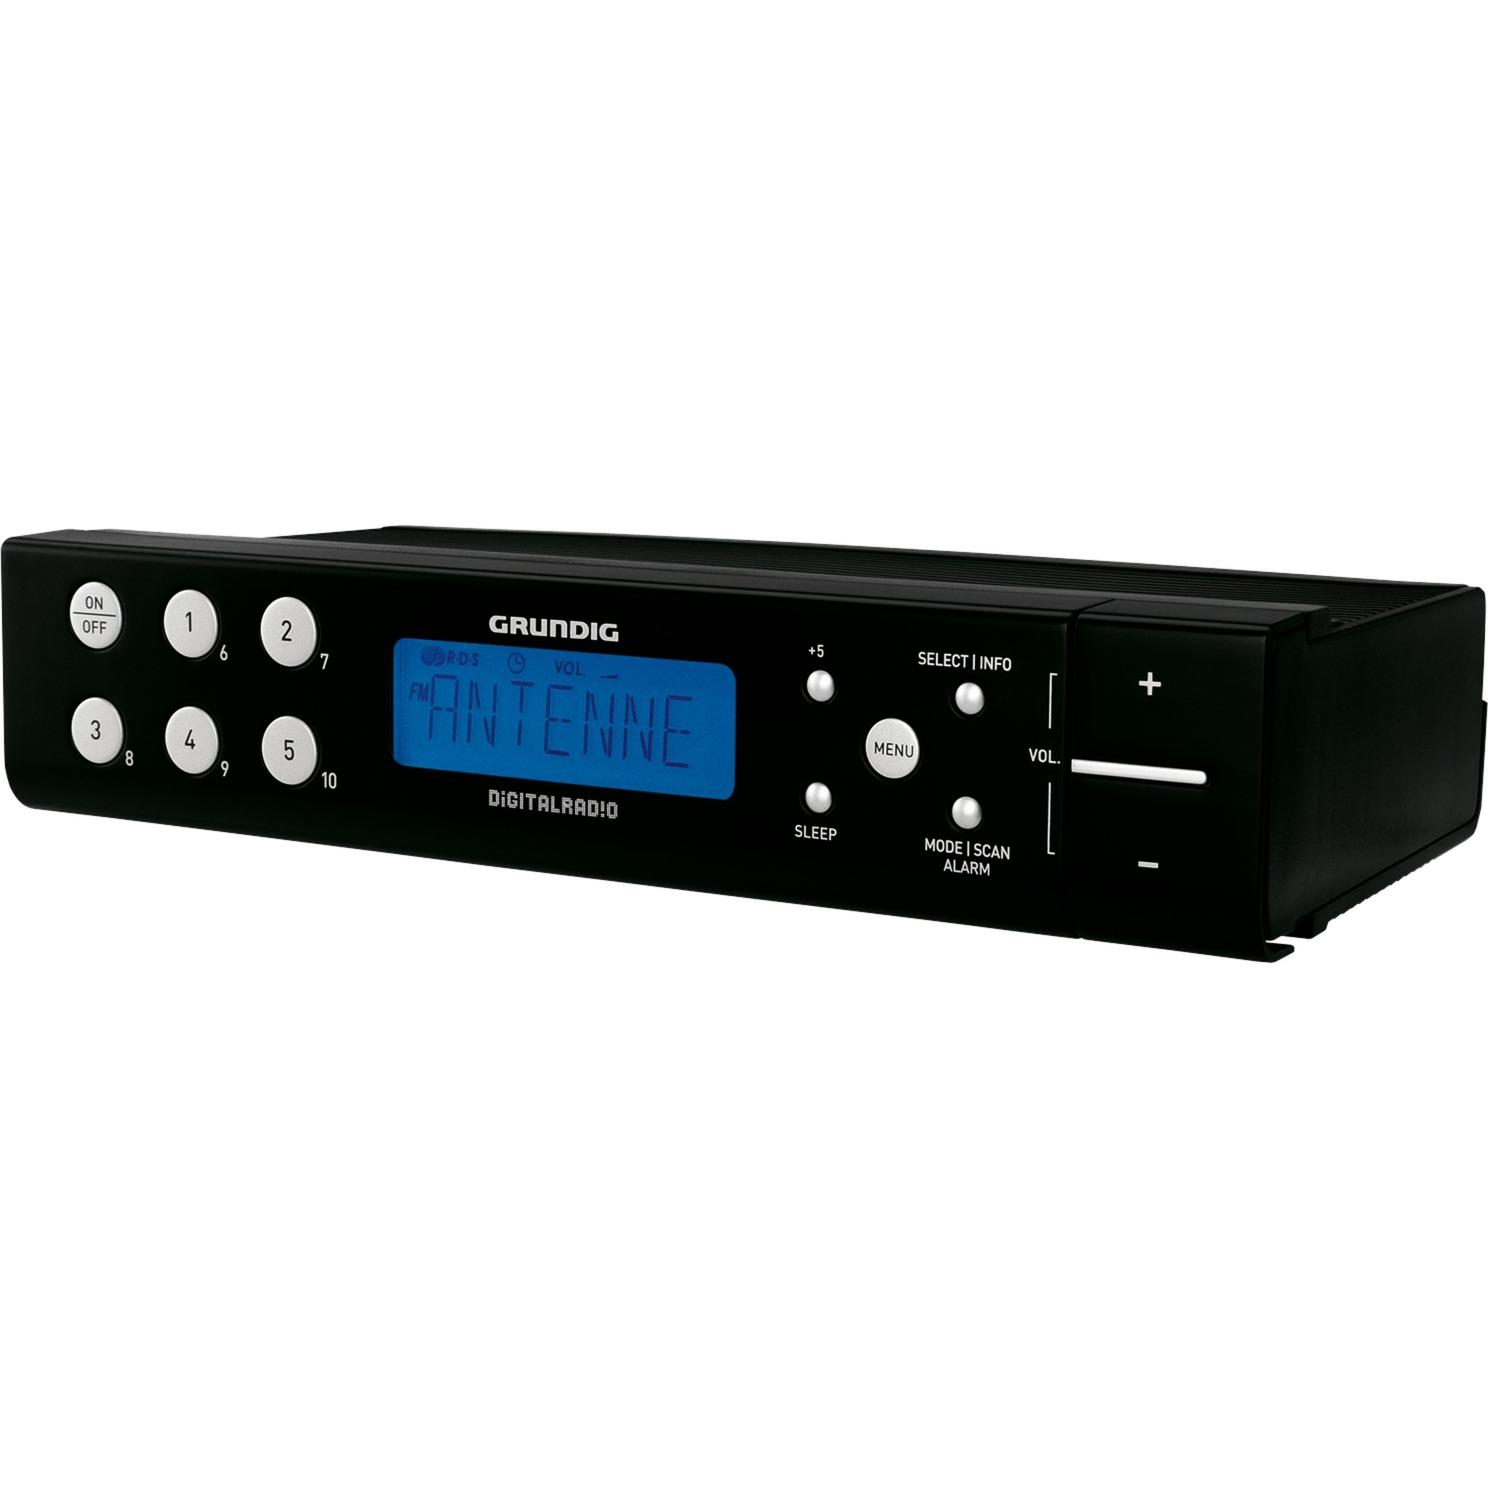 DKR 700 DAB+ radio Reloj Analógico y digital Negro